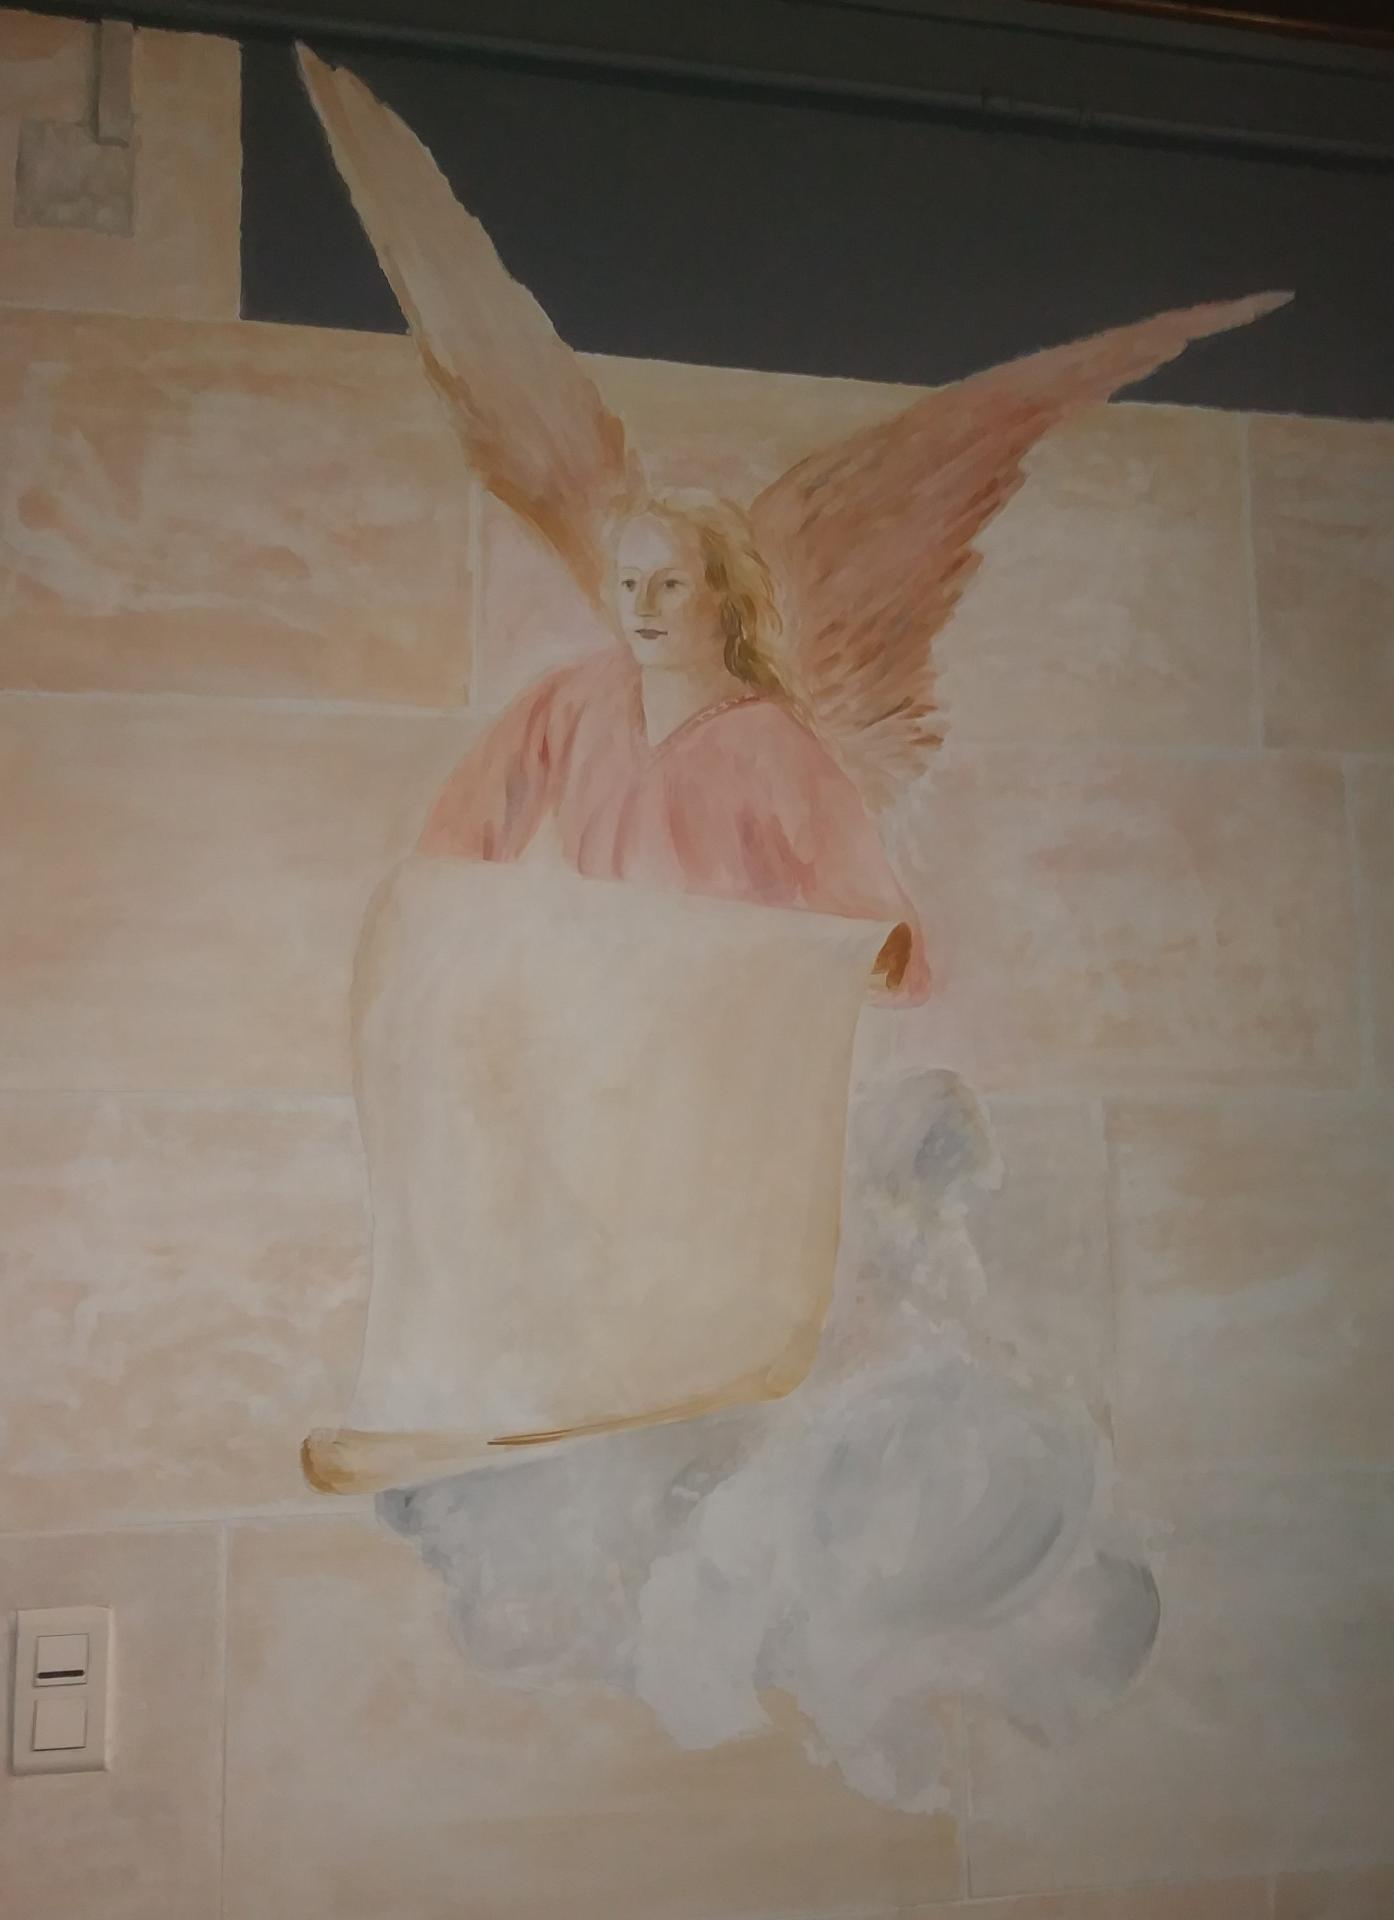 Ange fresque basilique du sacre coeur